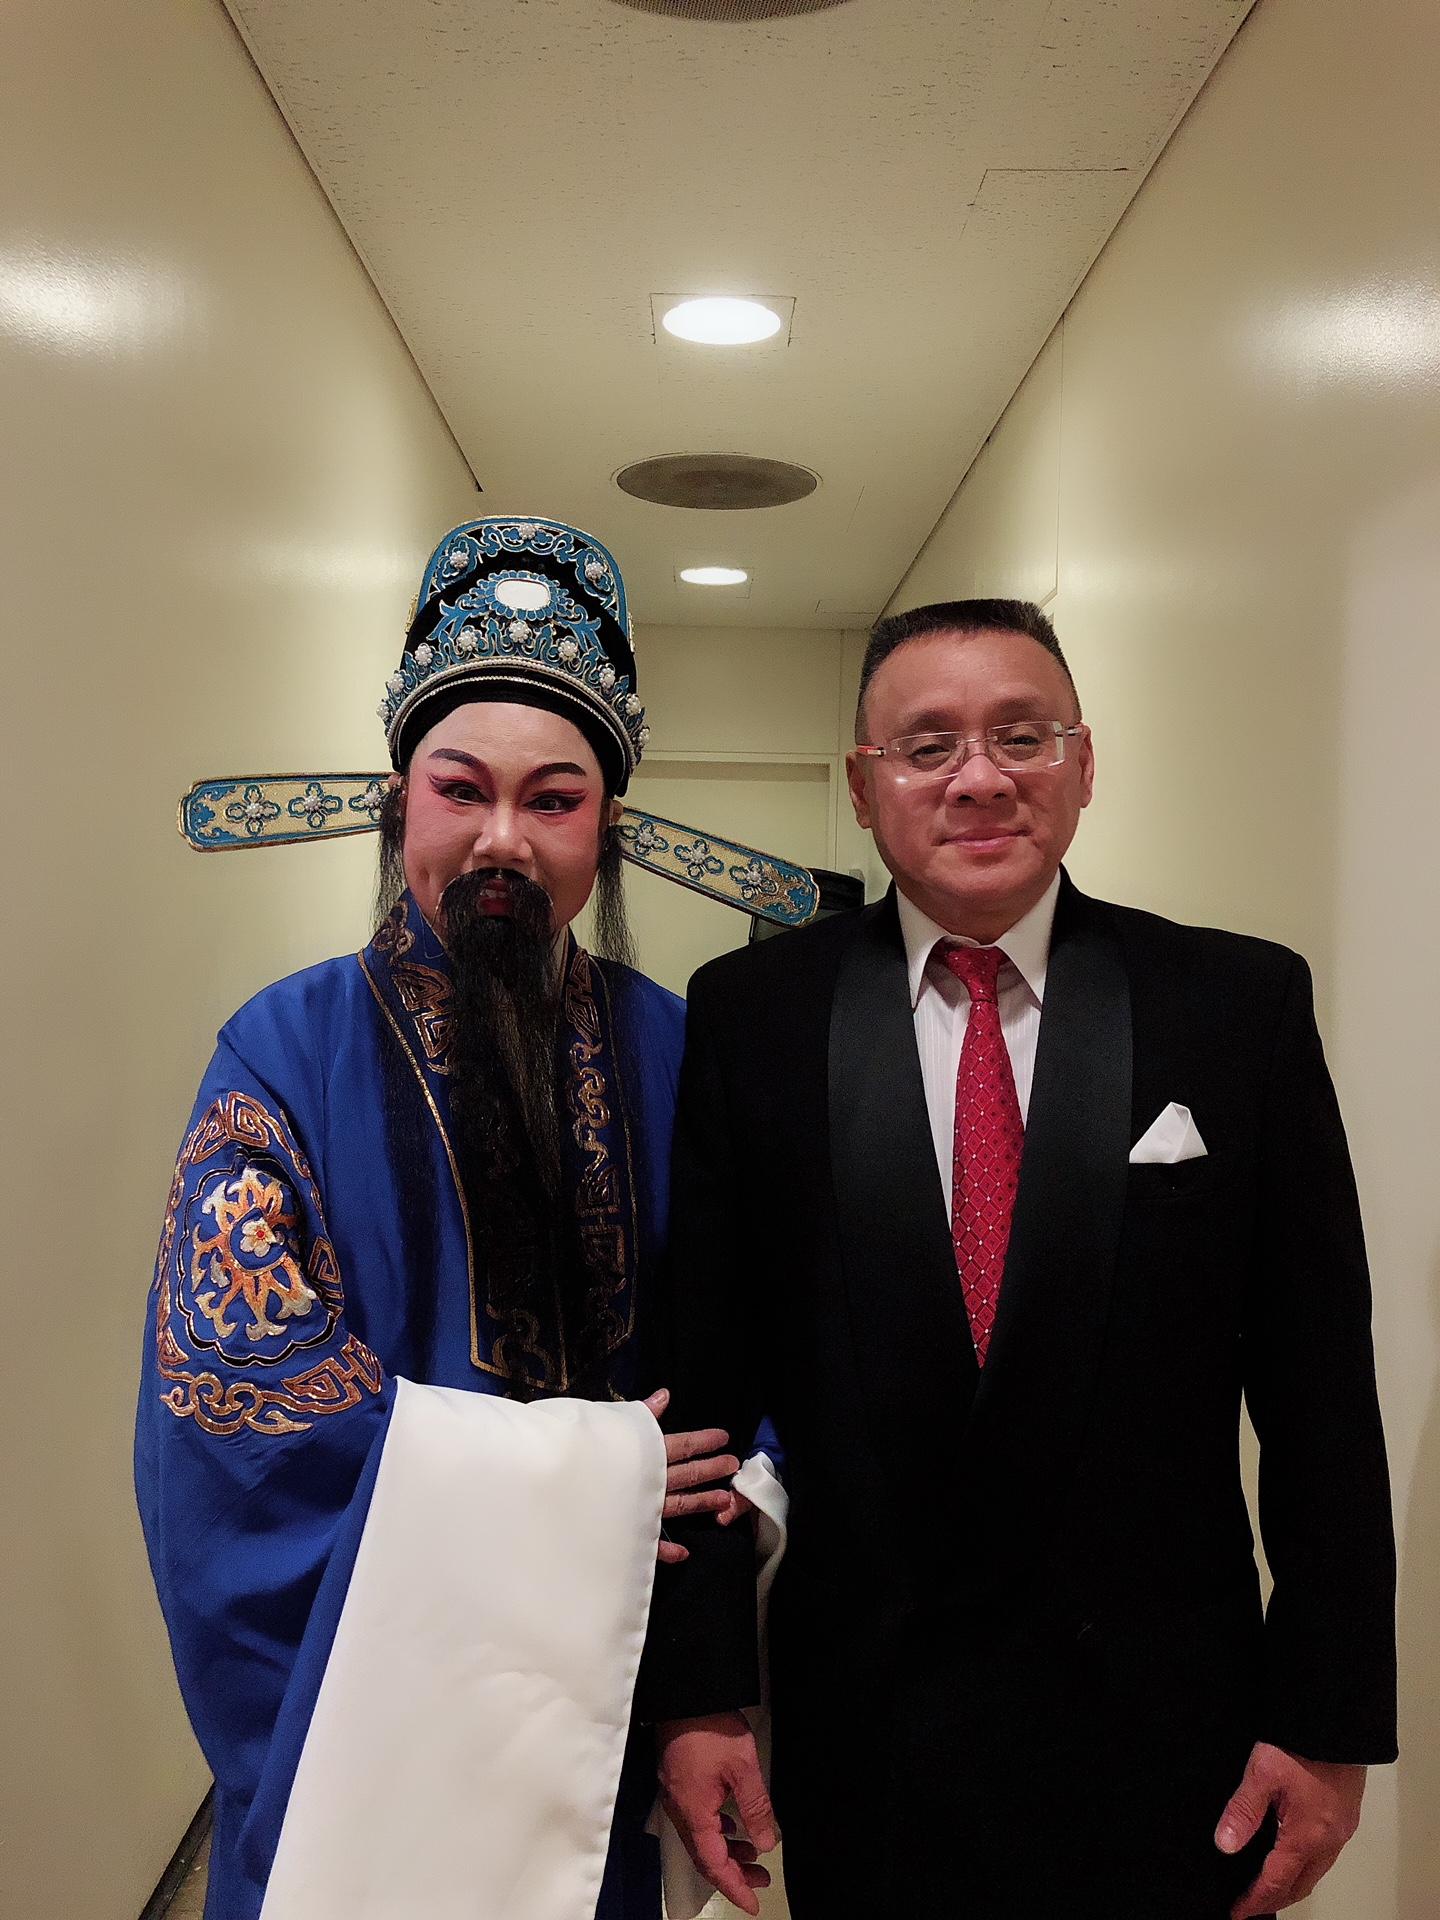 陈琴湘 ( 浙江绍兴小百花著名老生 )和李愔